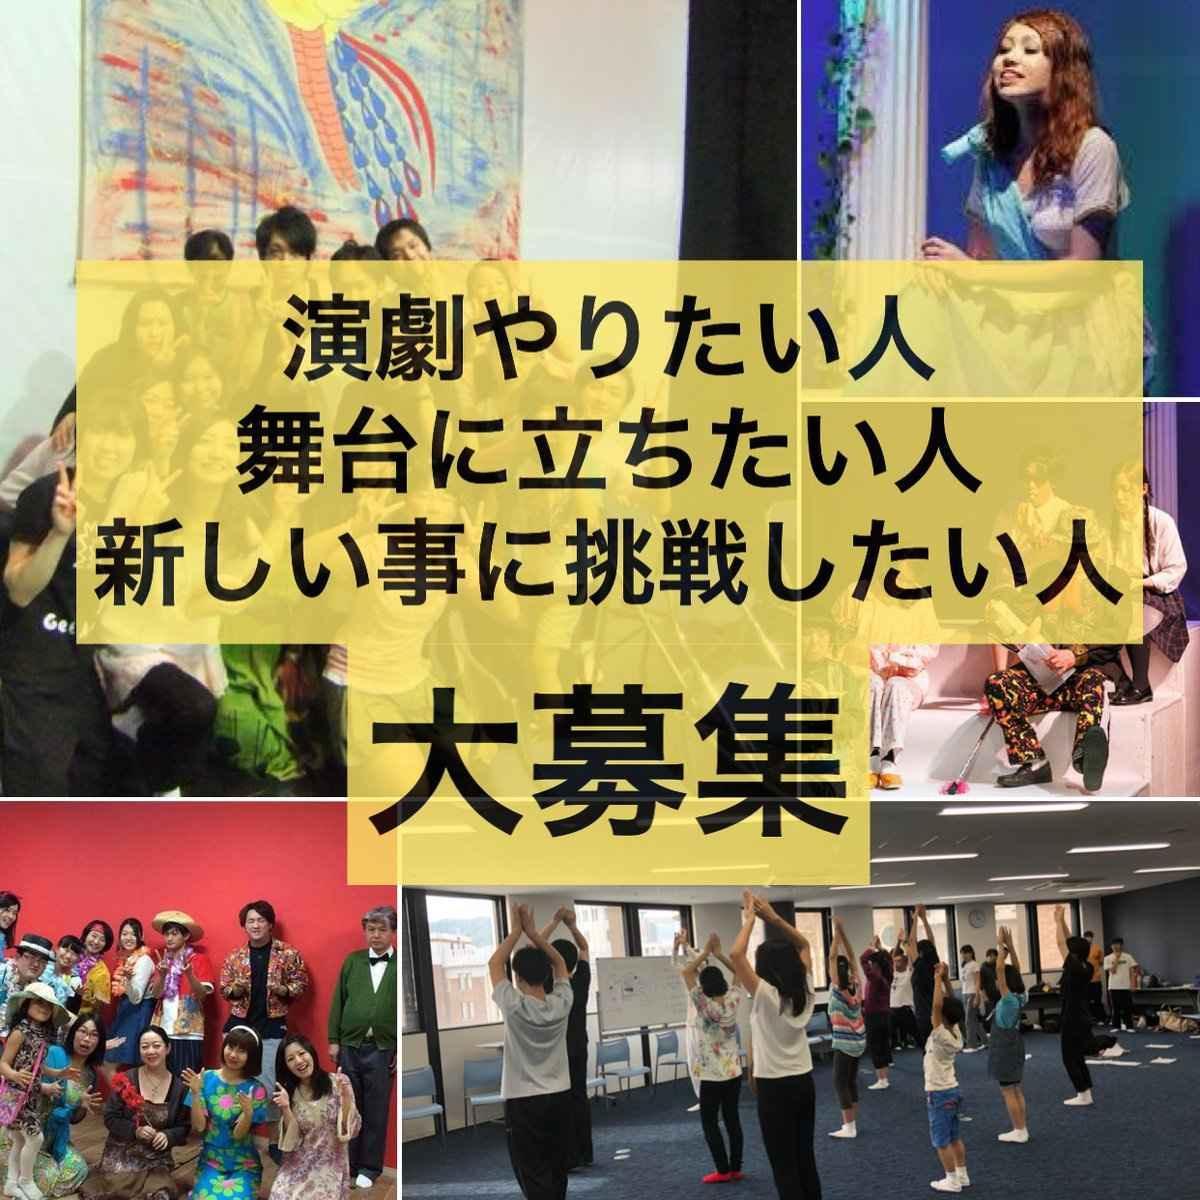 【神戸/演劇】未経験者歓迎 期間限定劇団 座・神戸市民劇場 (三ノ宮)